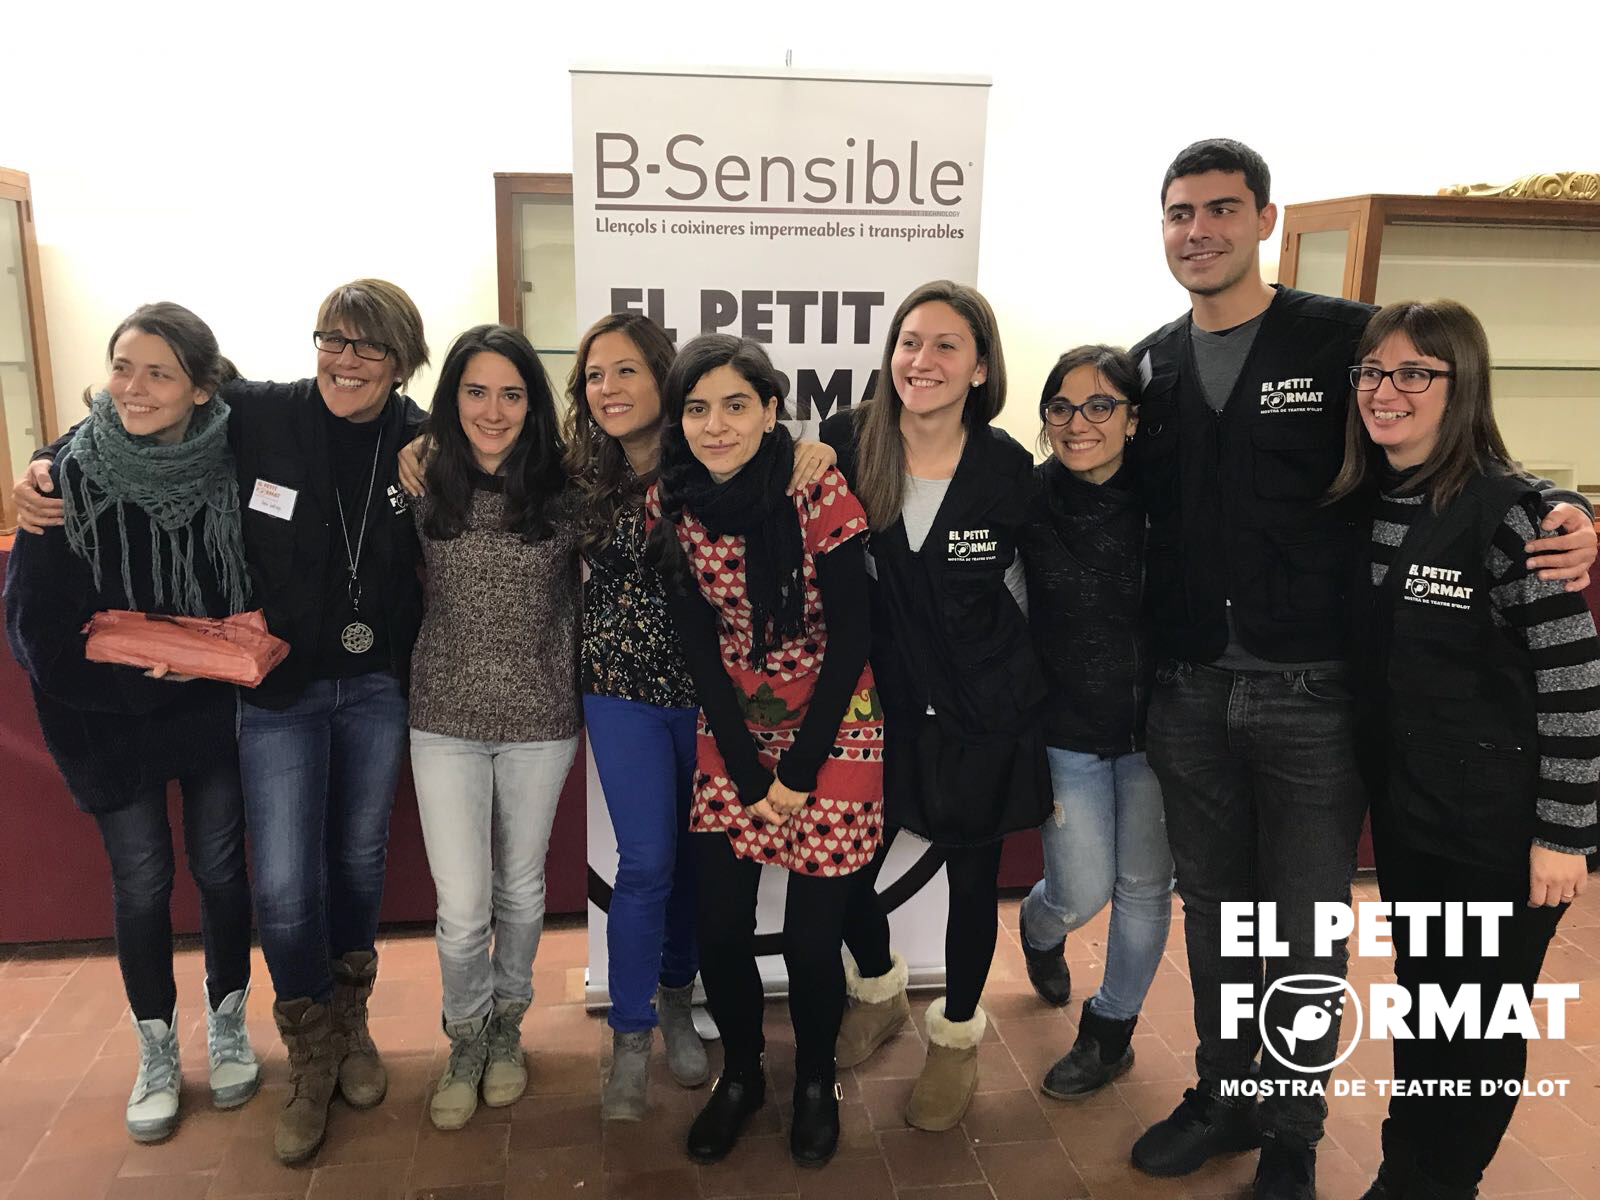 EL PETIT FORMAT 2017-41 copia